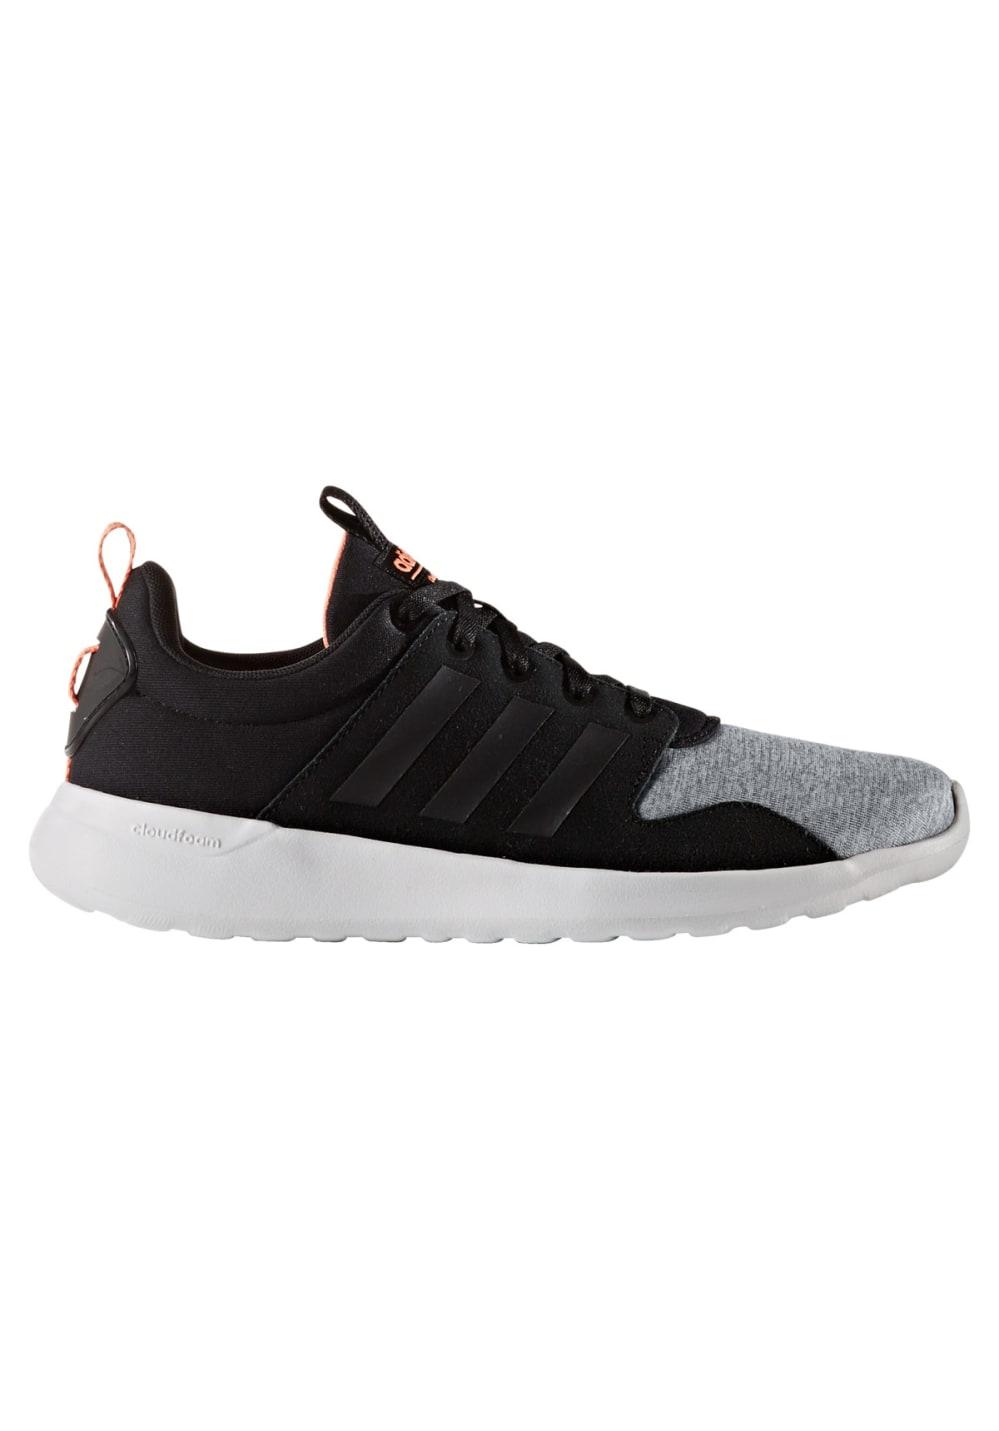 Sneakers für Frauen - adidas neo Cloudfoam Lite Racer Sneaker für Damen Schwarz  - Onlineshop 21Run